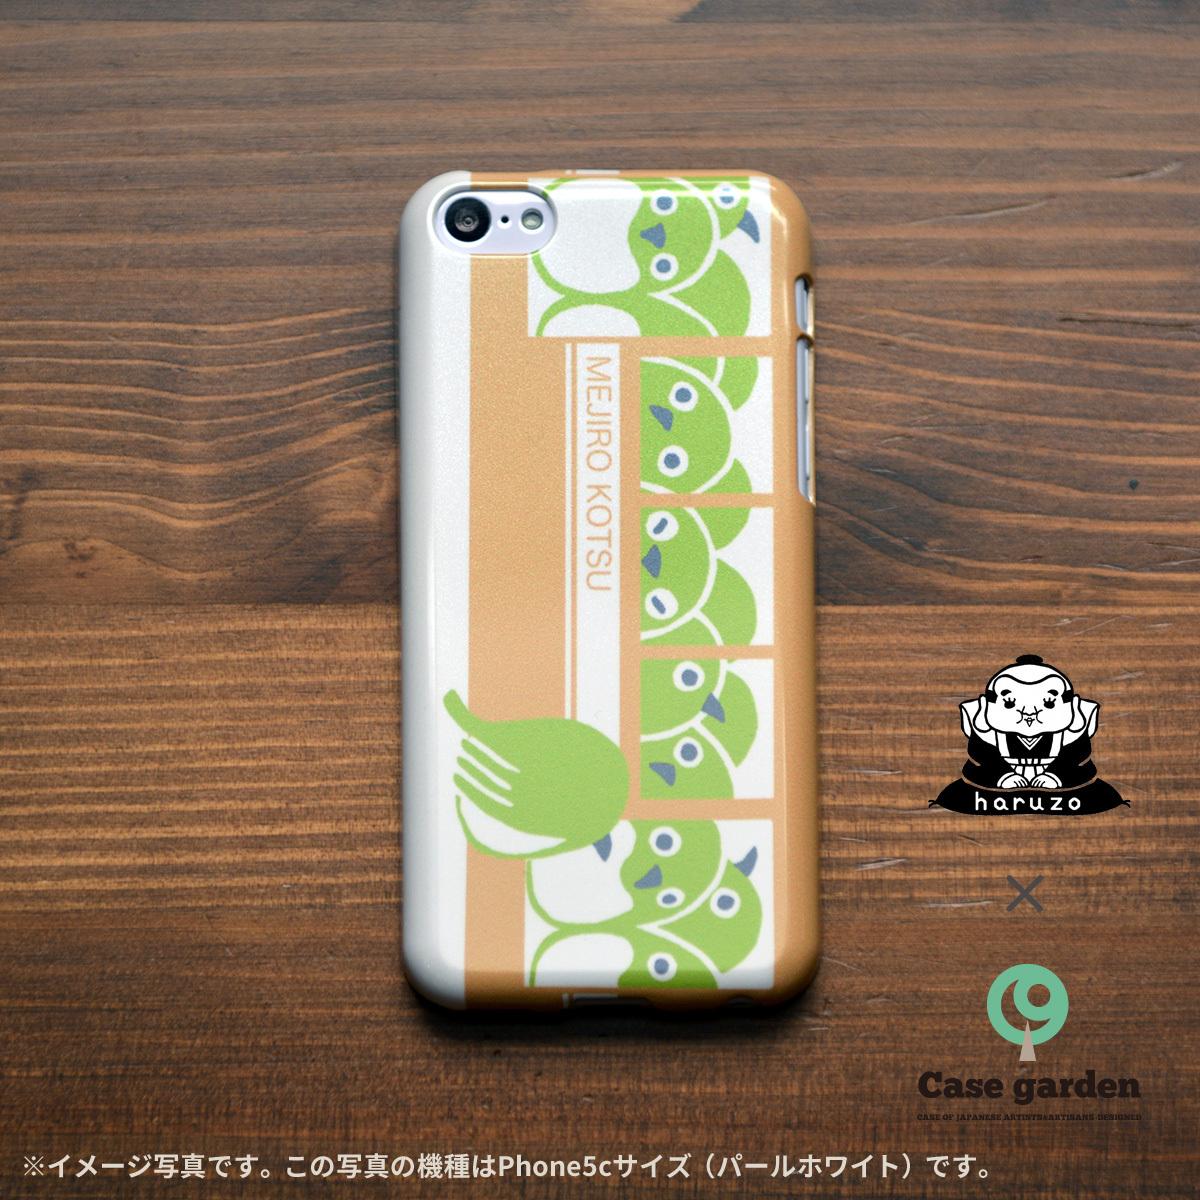 【限定色】iphone5c ケース ハードケース アイフォン5c ケース ハード iphone5c ケース キラキラ かわいい めじろおし/晴三×ケースガーデン